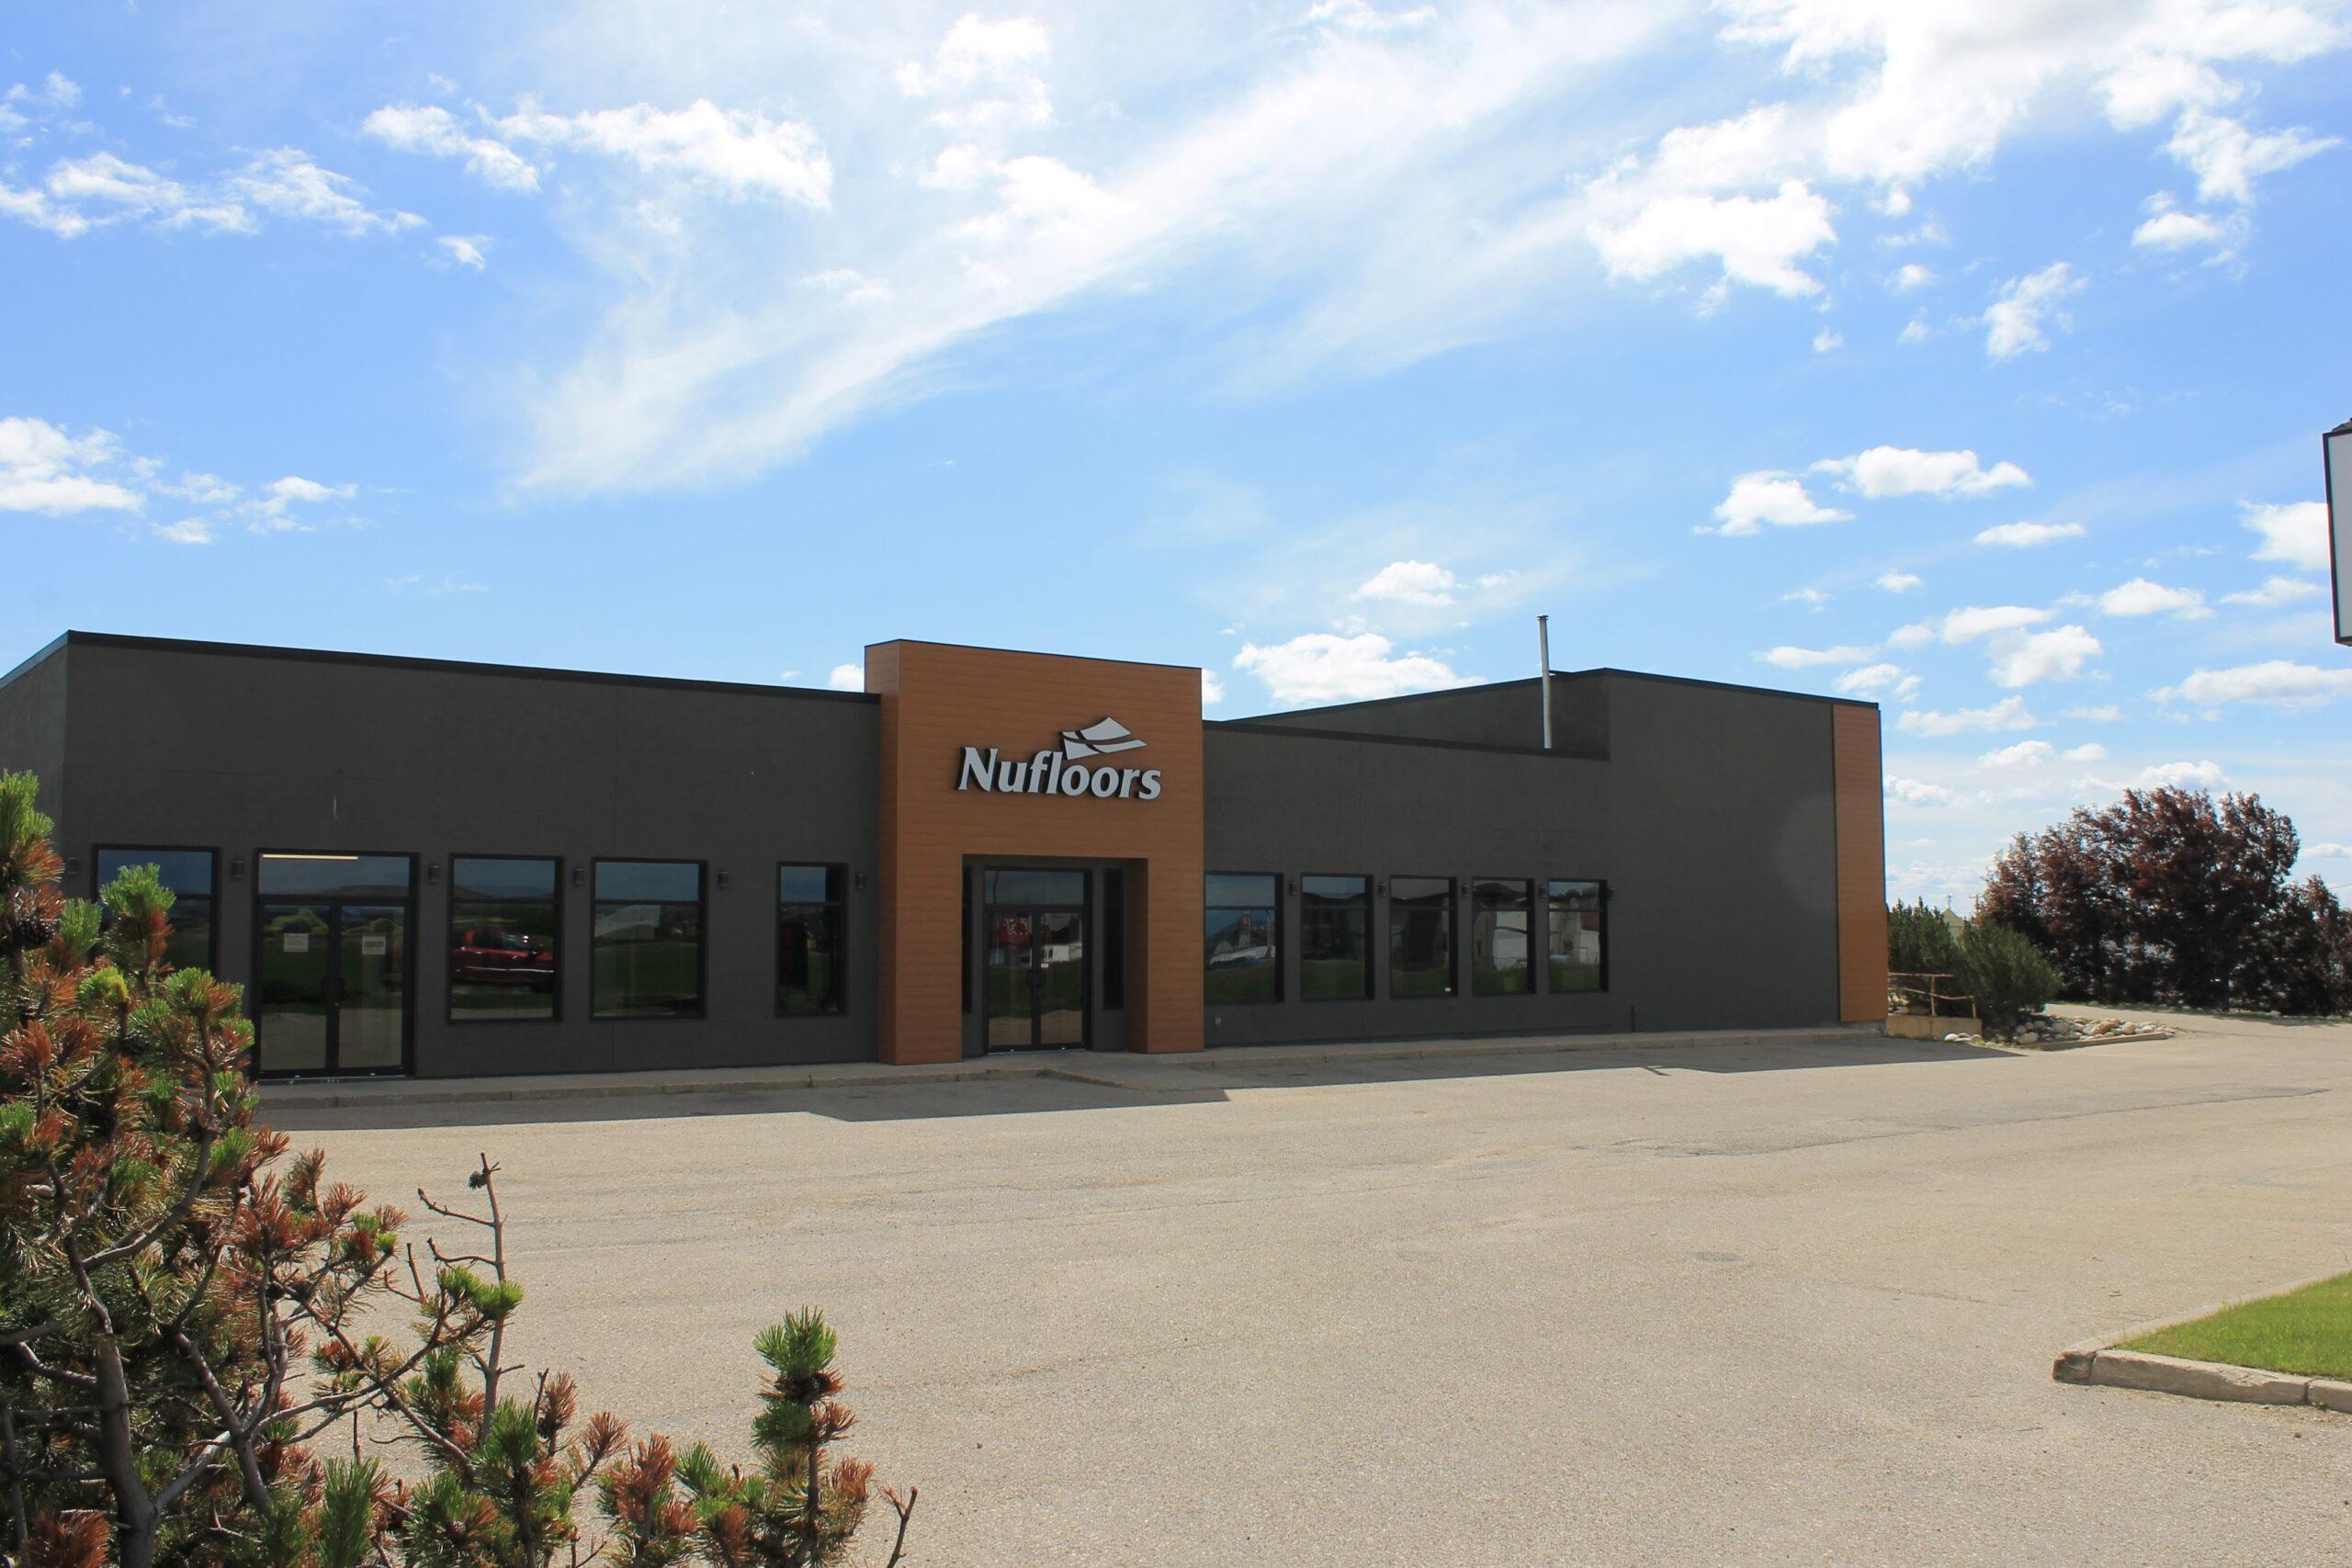 Nufloors Grand Prairie store front